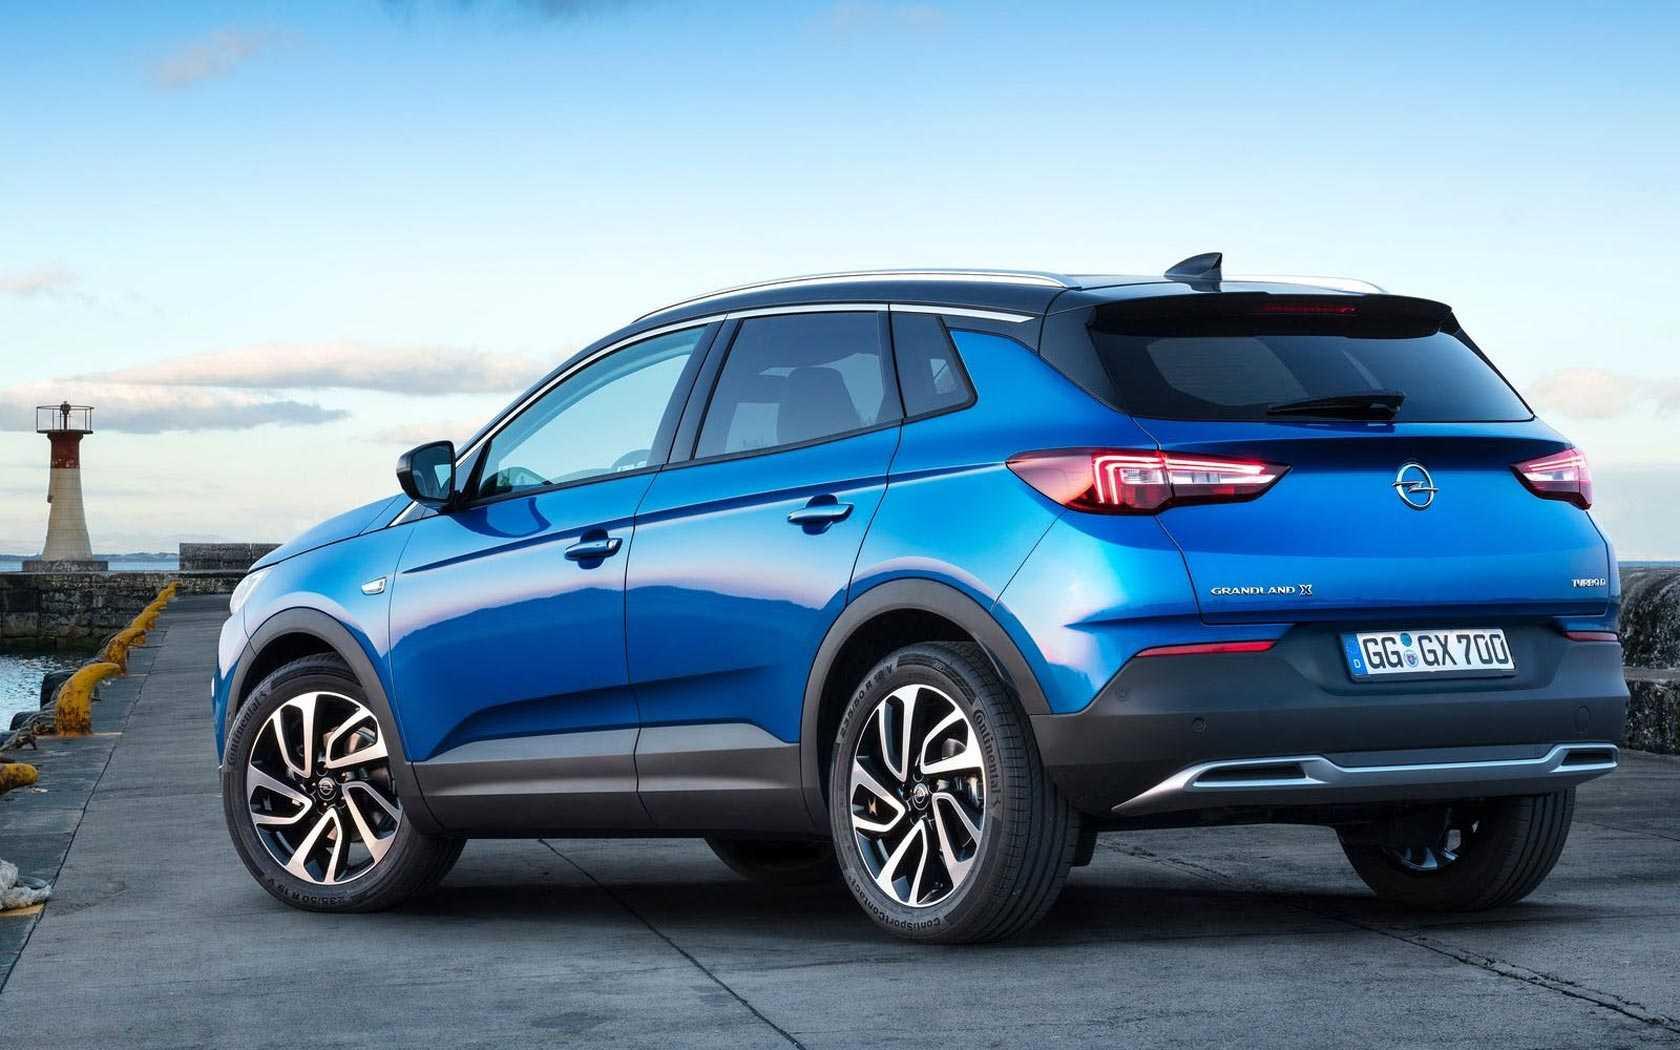 Opel grandland x 2019-2020 цена, технические характеристики, фото, видео